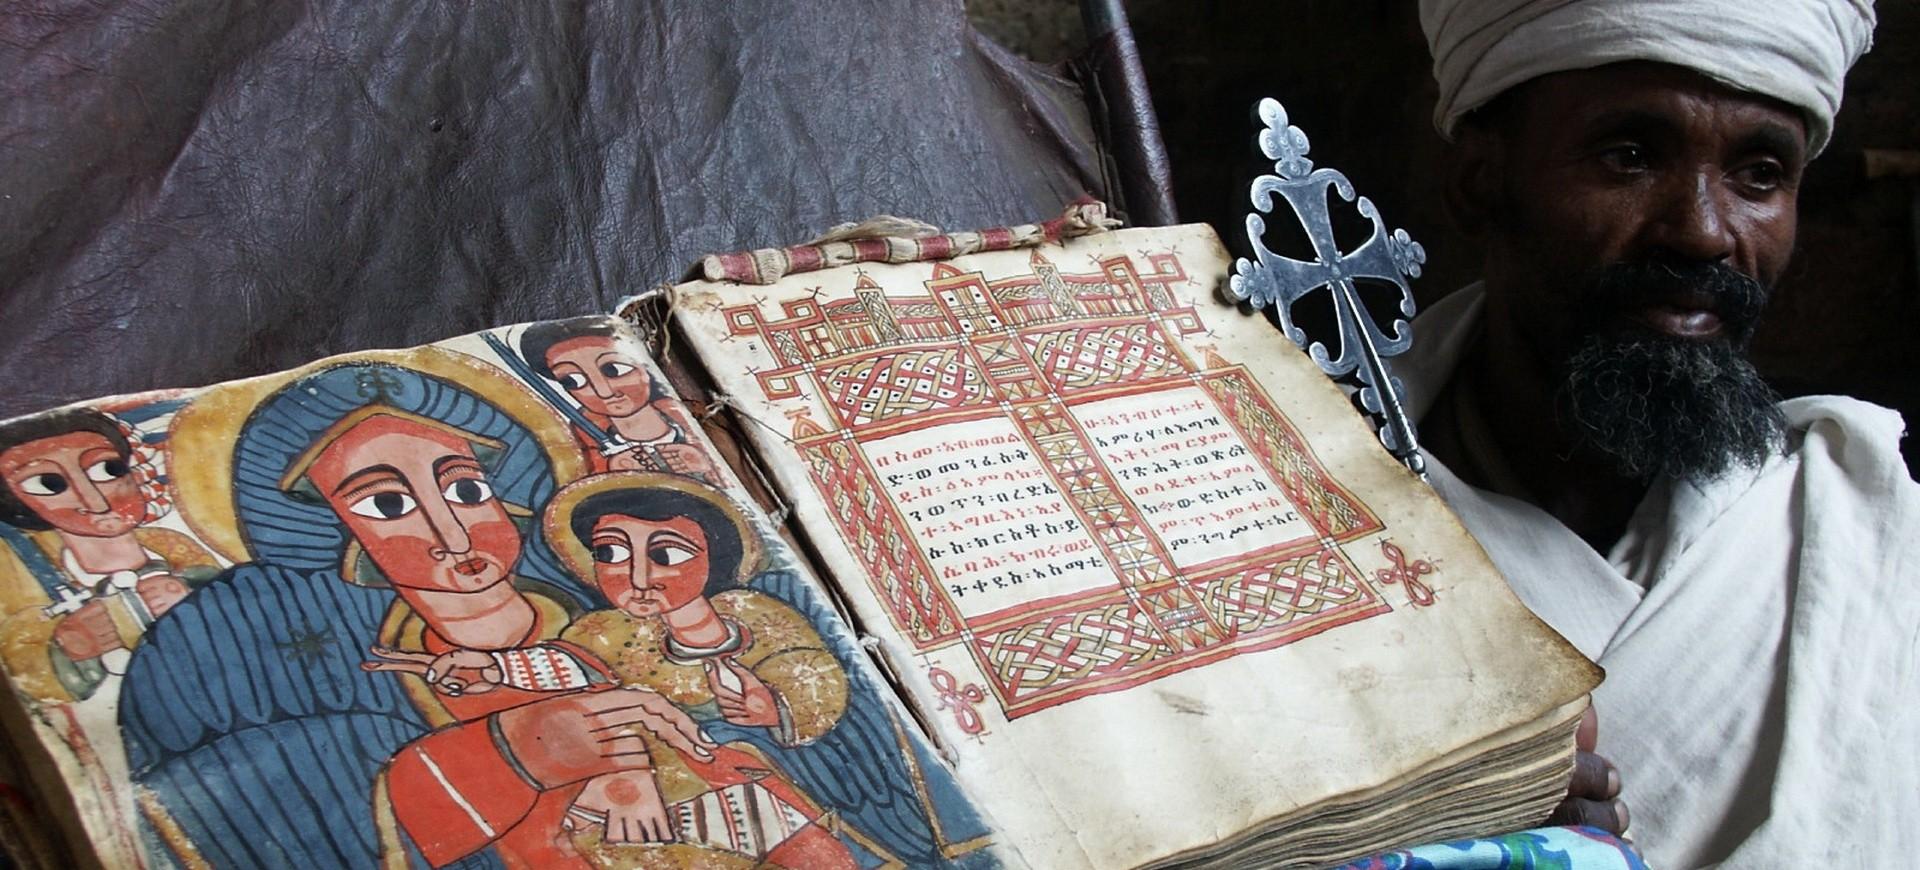 Scriptes sacrées dans l'église à Lalibela en Ethiopie